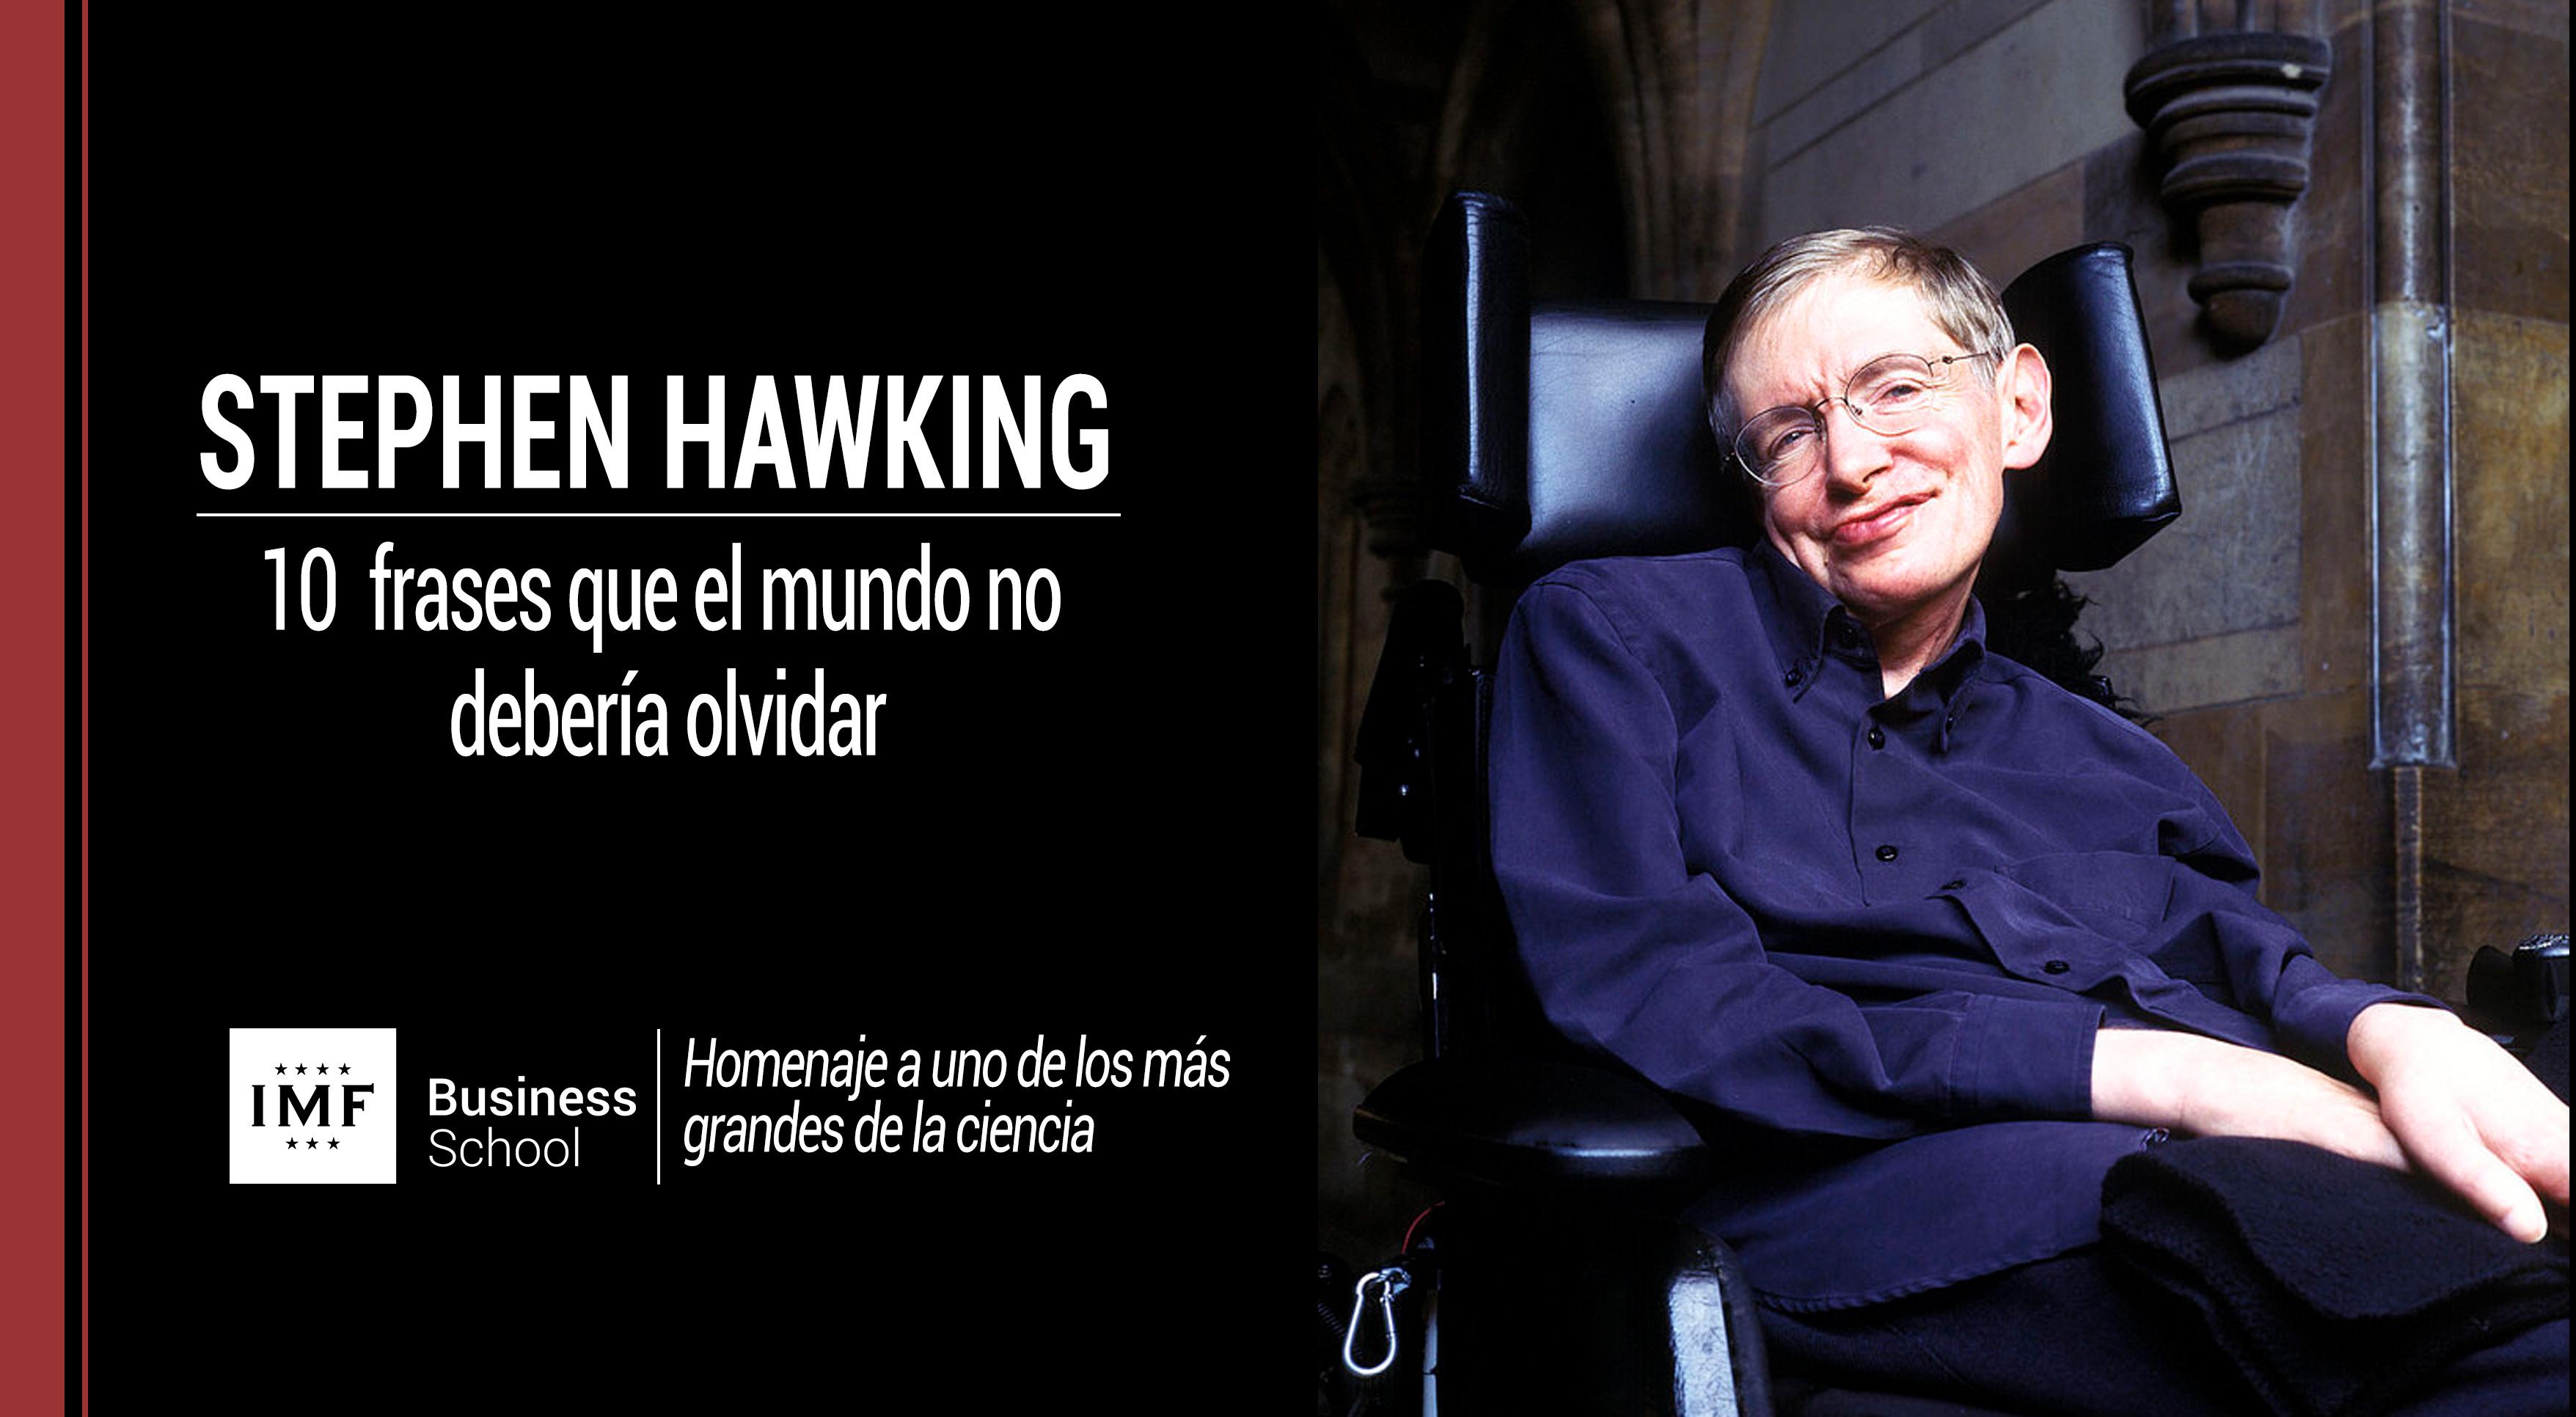 stephen-hawking-10-frases-homenaje Stephen Hawking: Las 10 frases que el mundo no debería olvidar